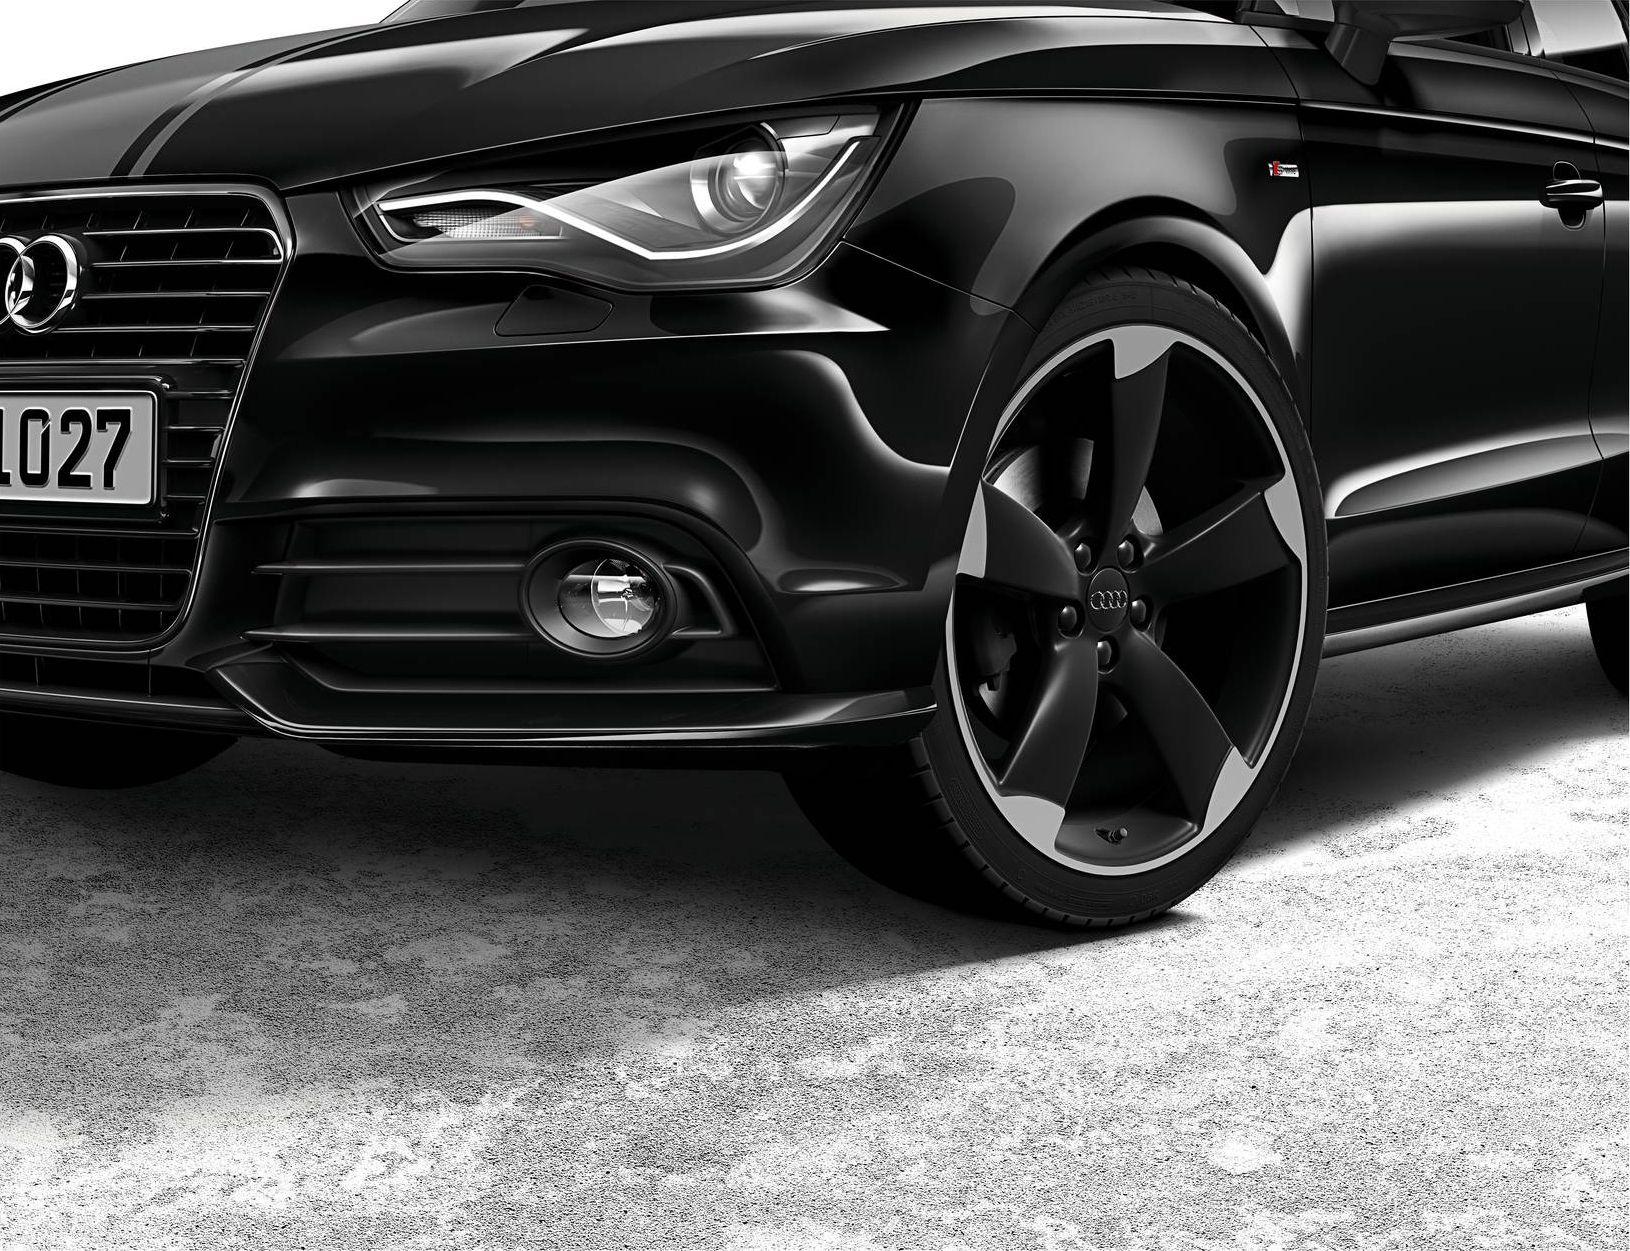 Black Audi A1 Audi A1 Audi Cars Car Brands